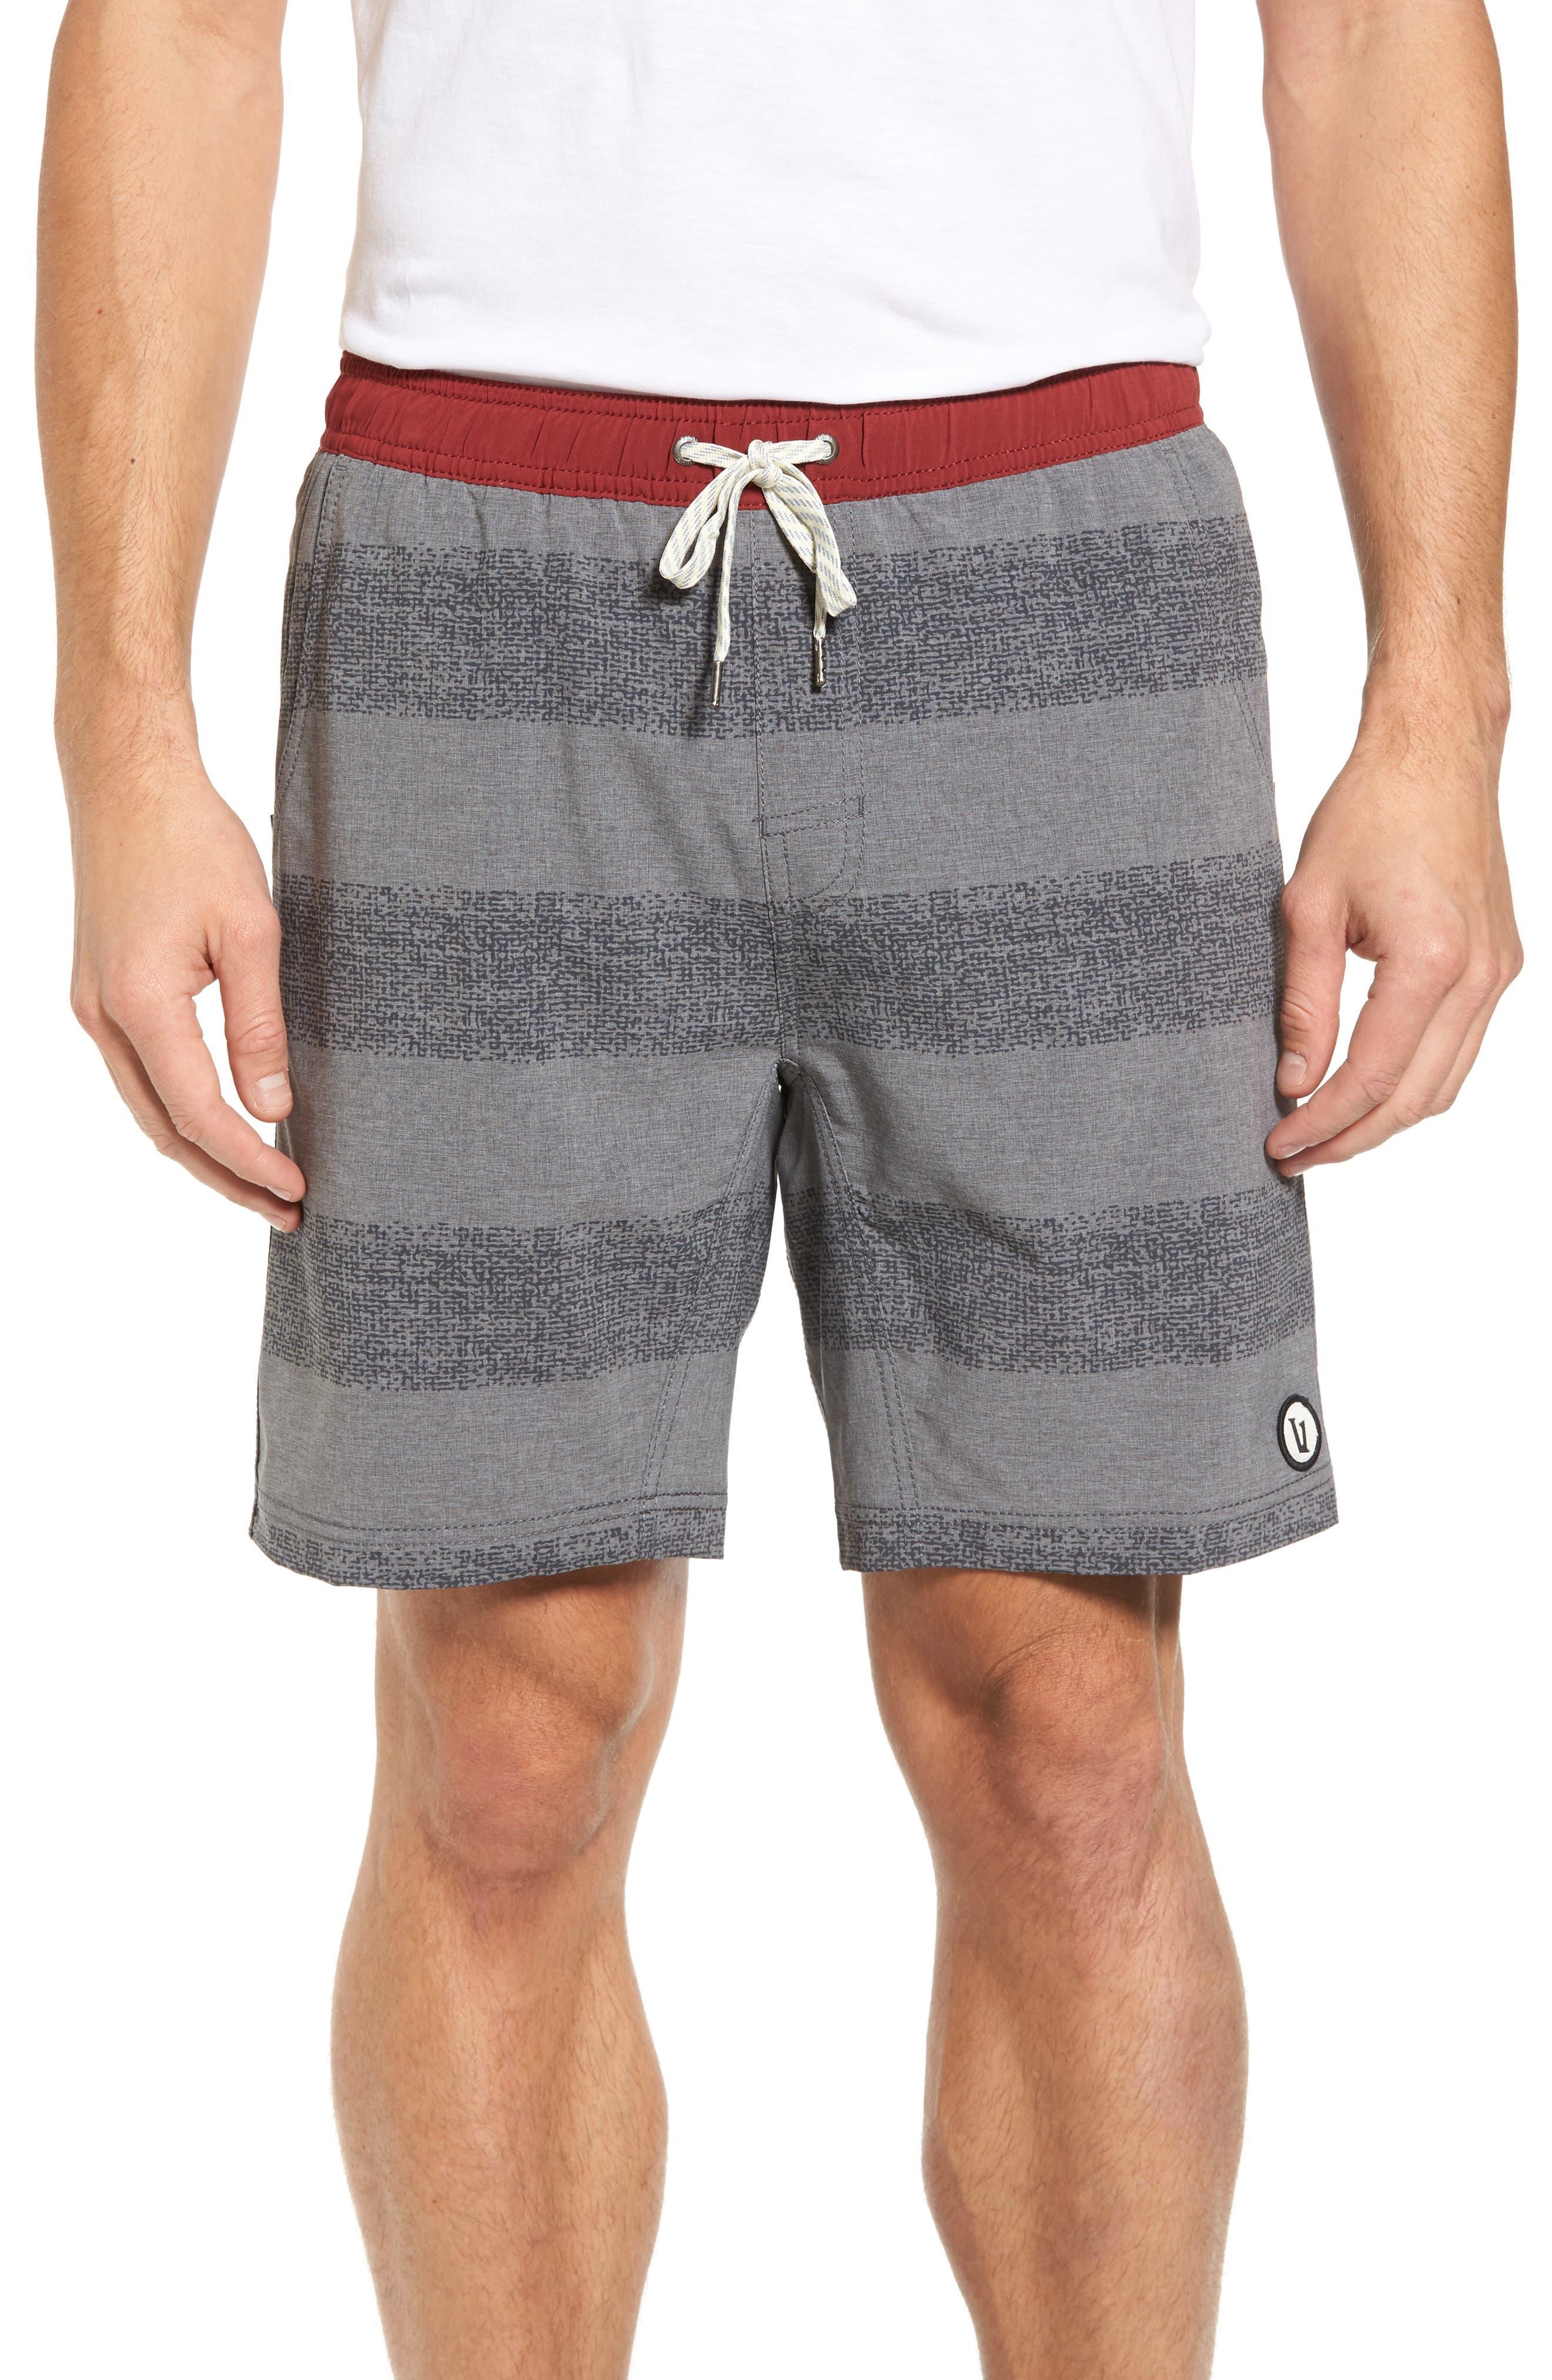 VUORI,                             Kore Slim Fit Athletic Shorts,                             Main thumbnail 1, color,                             035